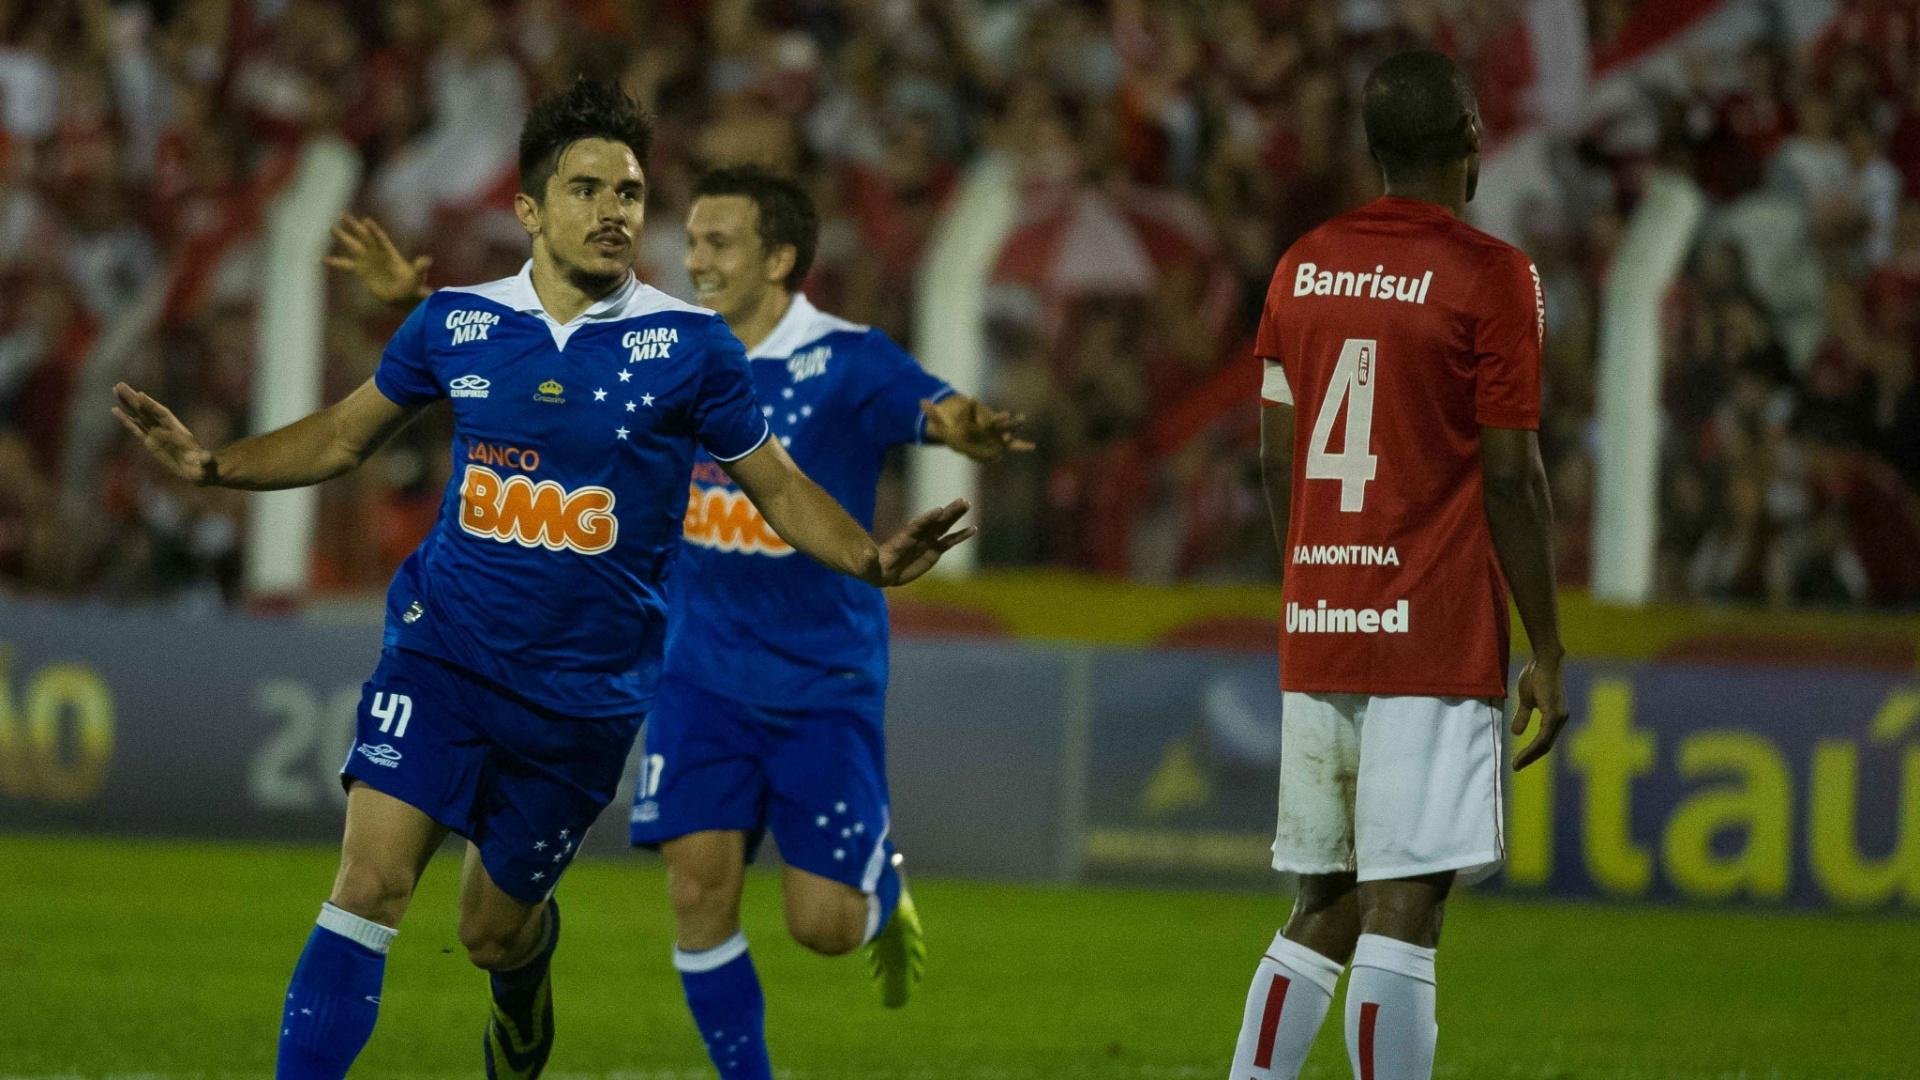 Willian comemora gol marcado em Inter x Cruzeiro, no estádio do Vale (209/09/2013)